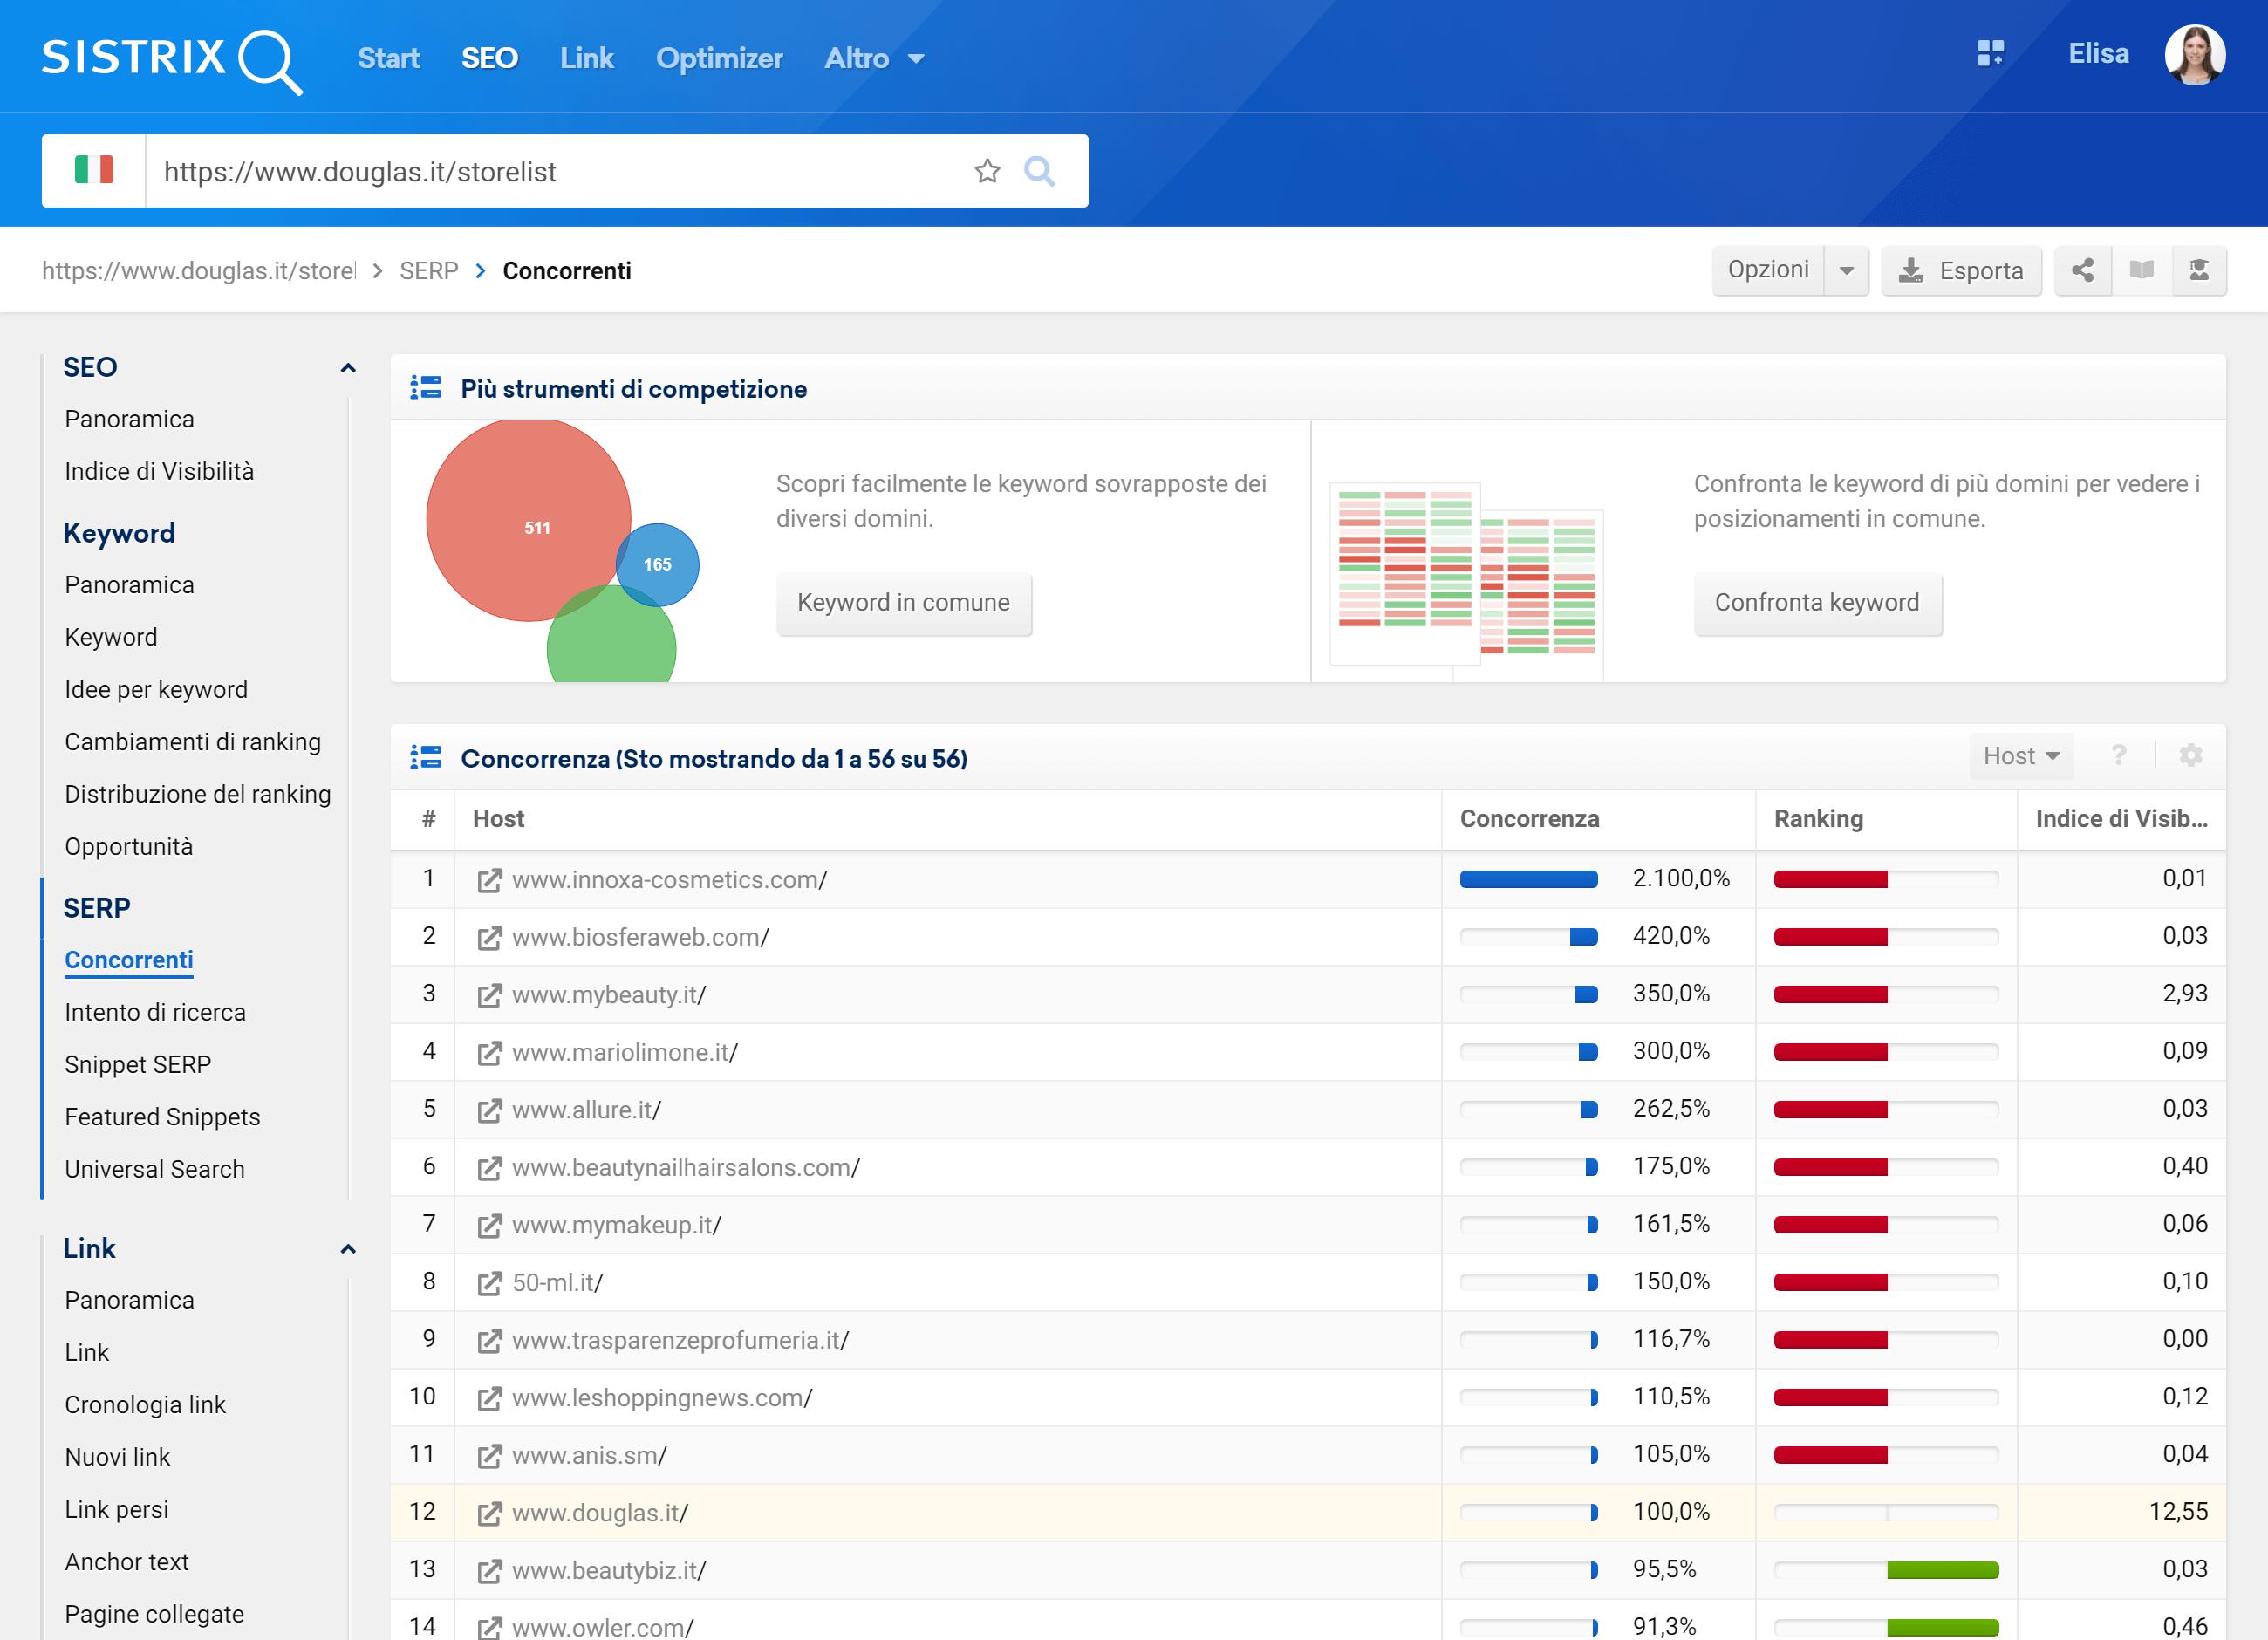 Concorrenti della directory /storelist/ di douglas.it - Toolbox SISTRIX